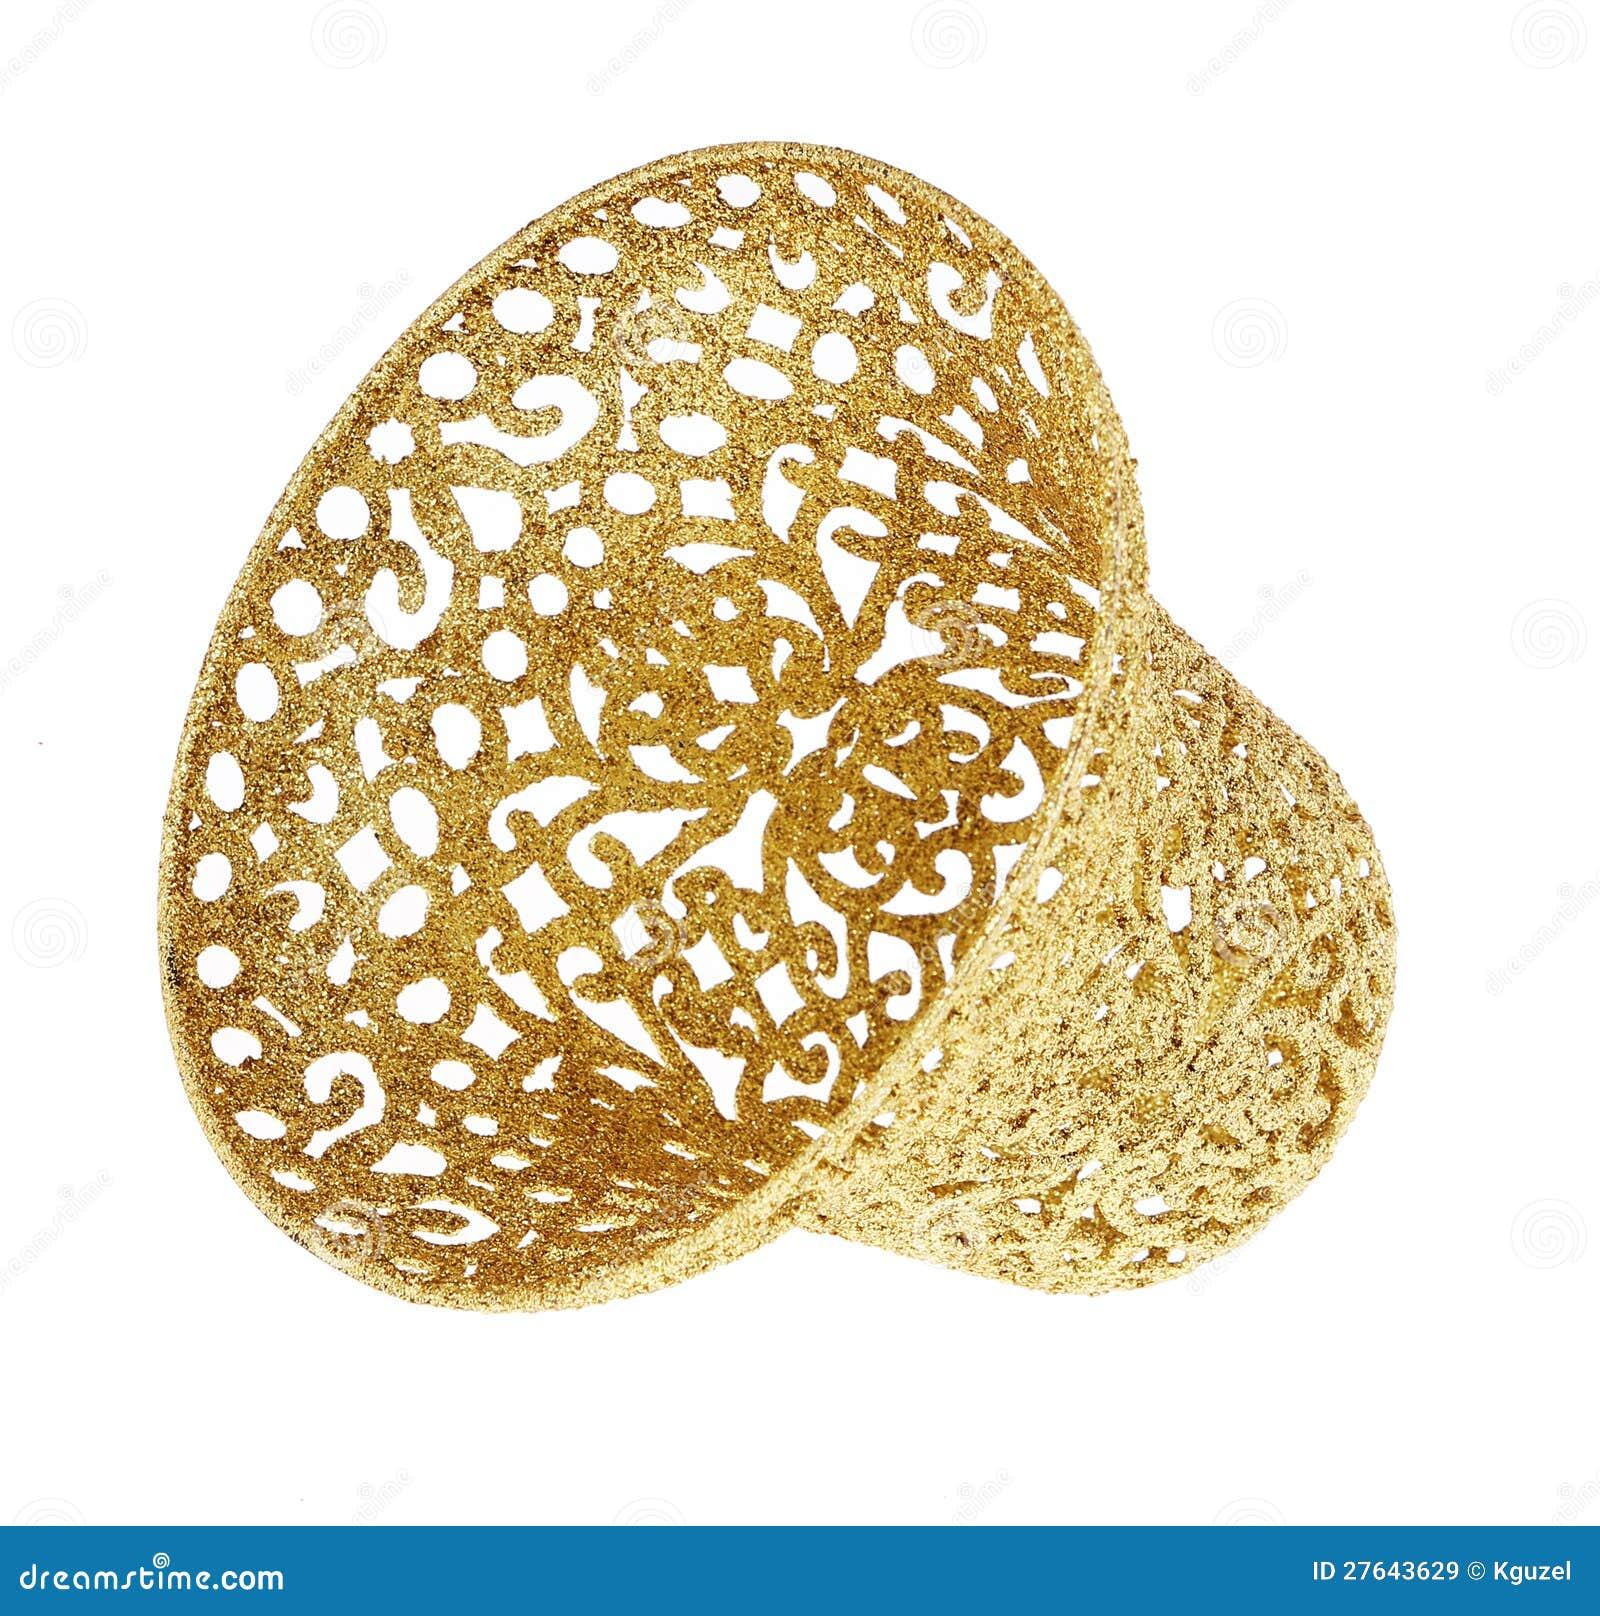 Gold Glitter Object Stock Illustration